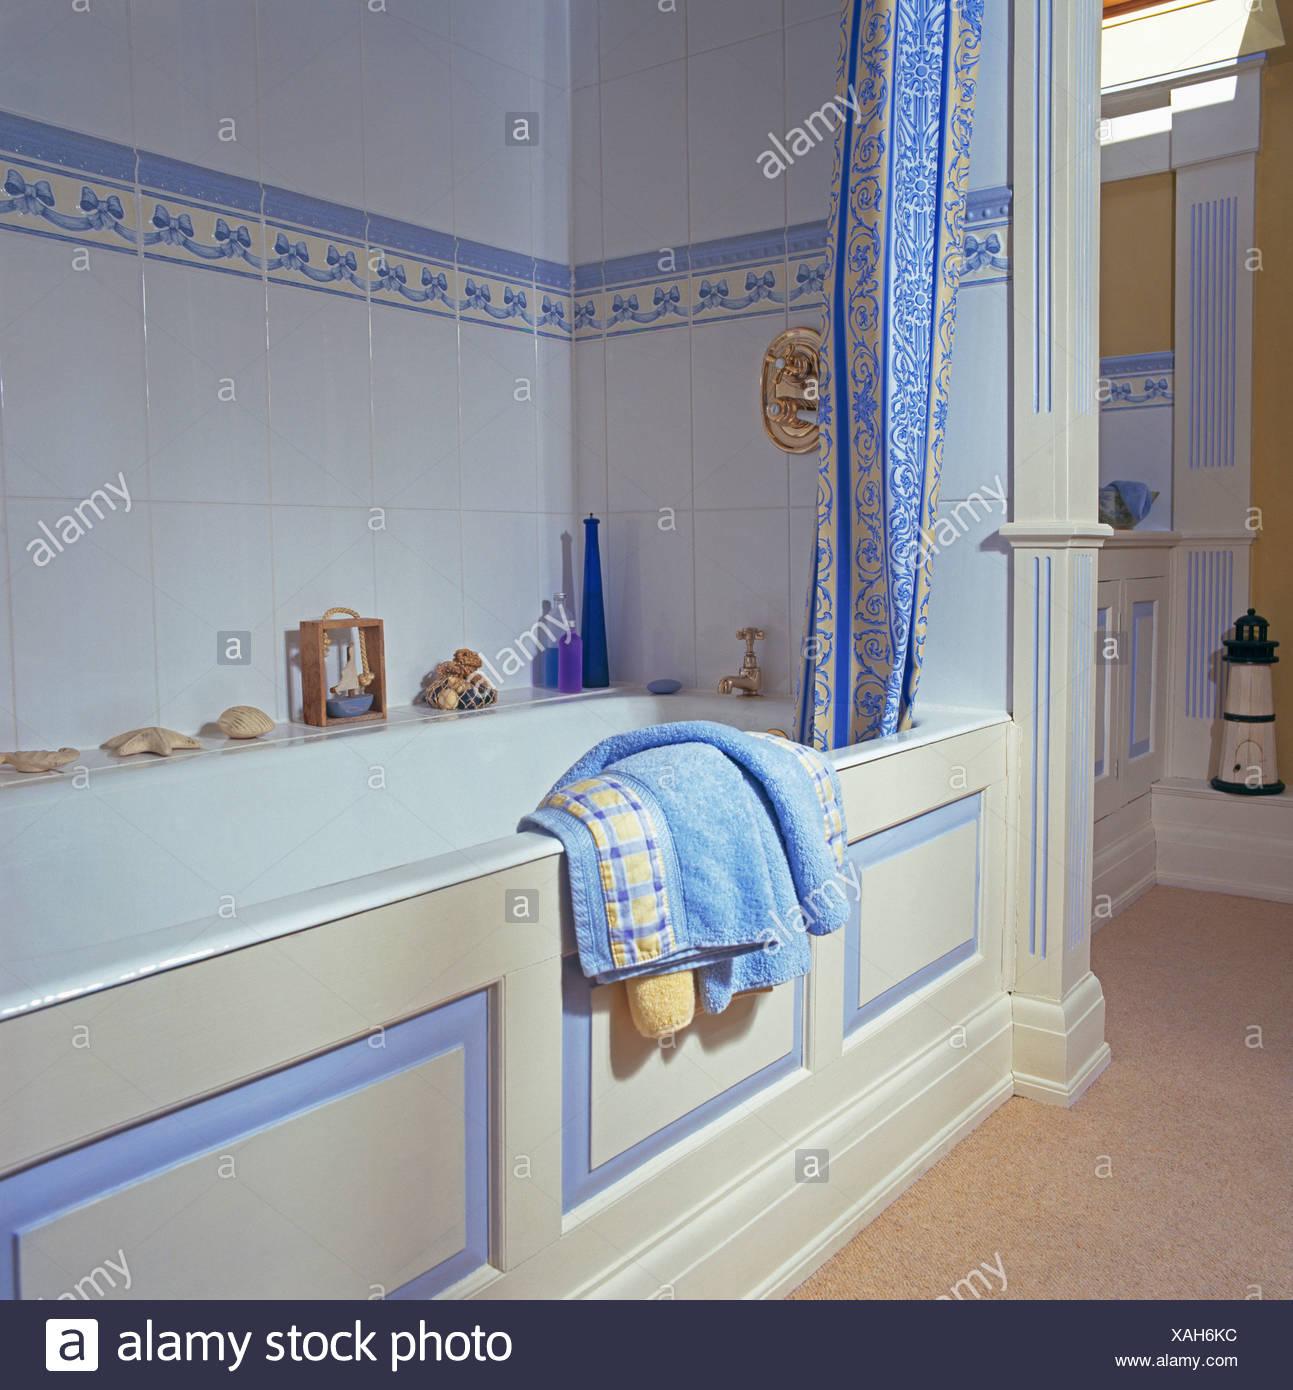 Blau + Weiß Duschvorhang Auf Bad Im Badezimmer Mit Blauen Fliesen Umrandung  Auf Weißen Wandfliesen über Bad Mit Bemalten Panel